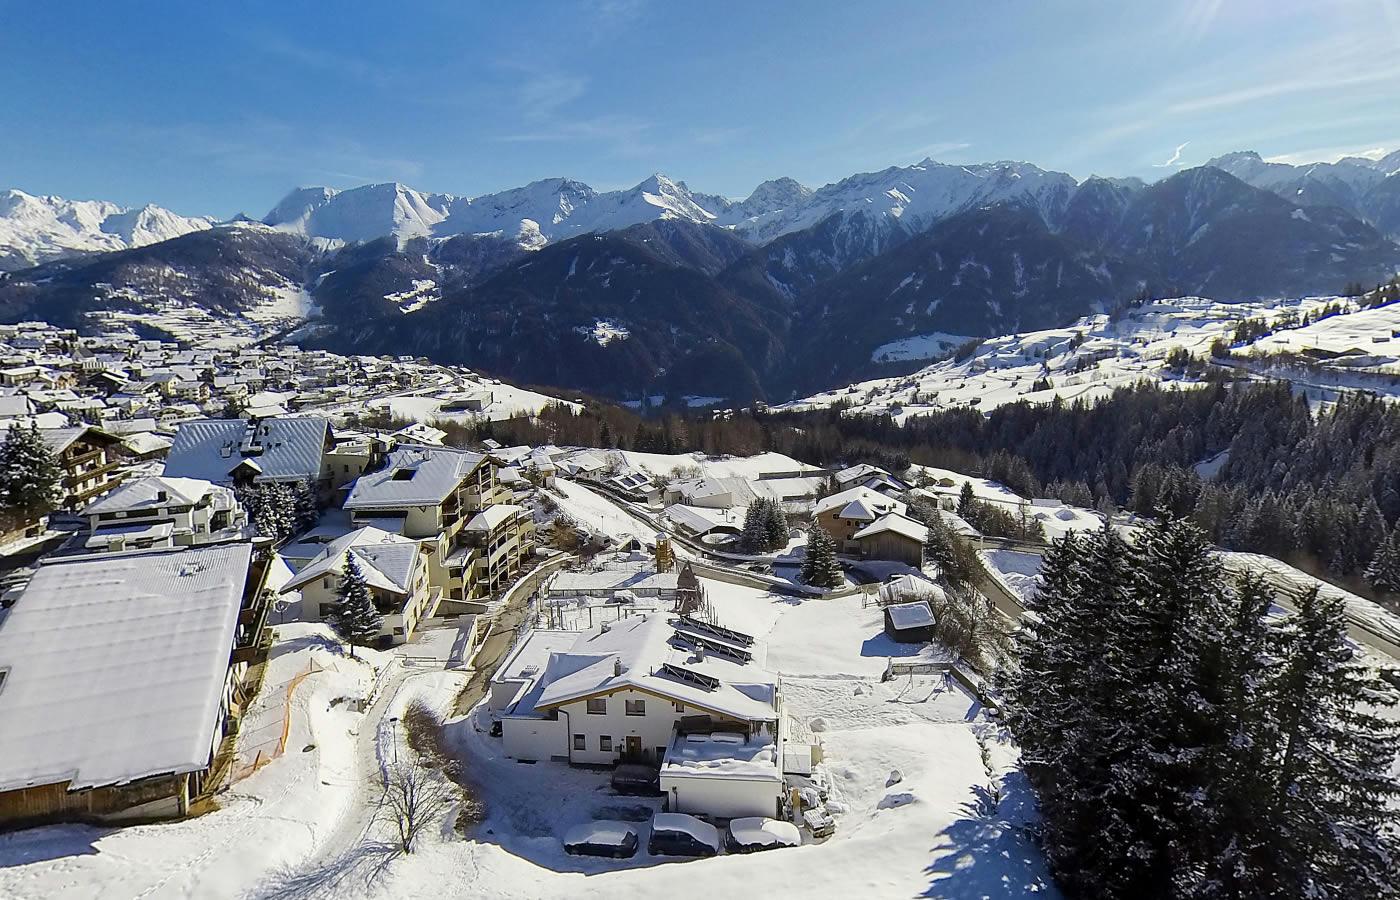 Winter-Webcam von Natürlich. Hotel in Fiss, Tirol.